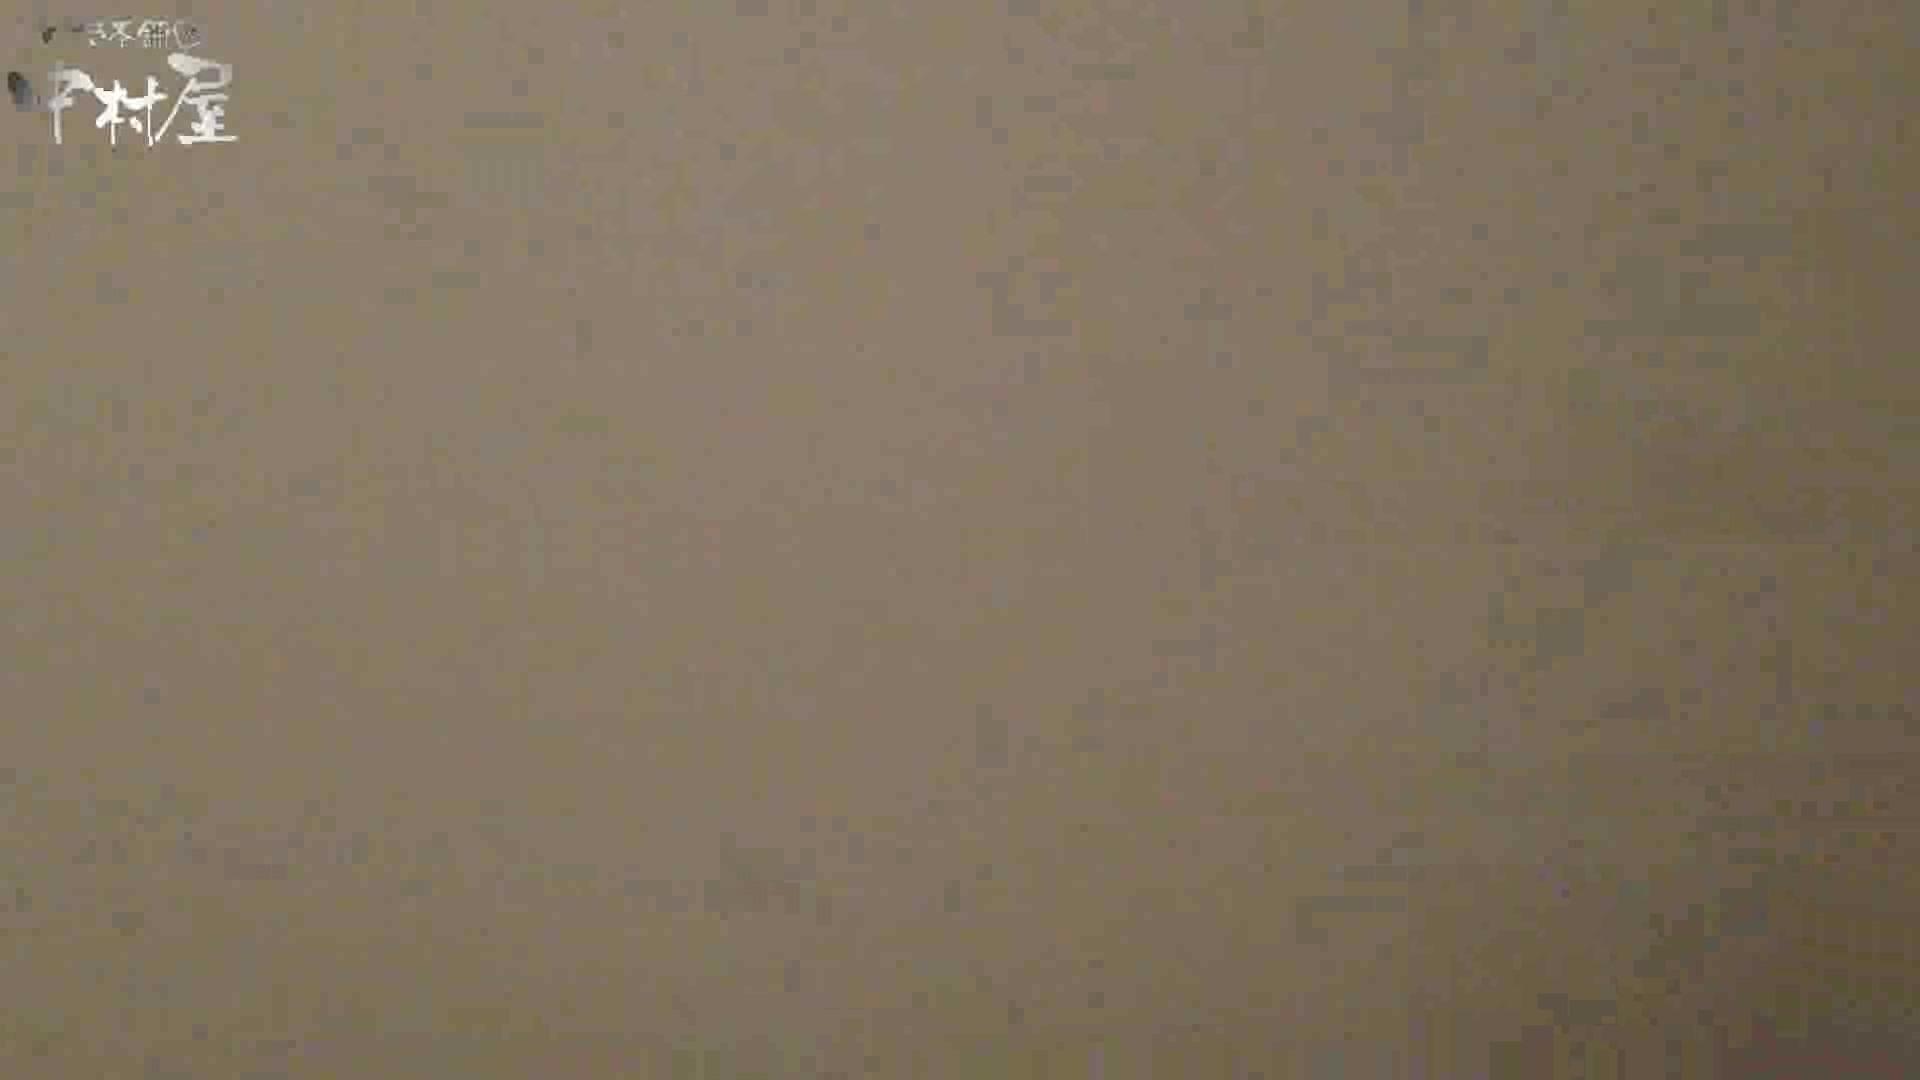 部活女子トイレ潜入編vol.5 潜入 セックス画像 69画像 52